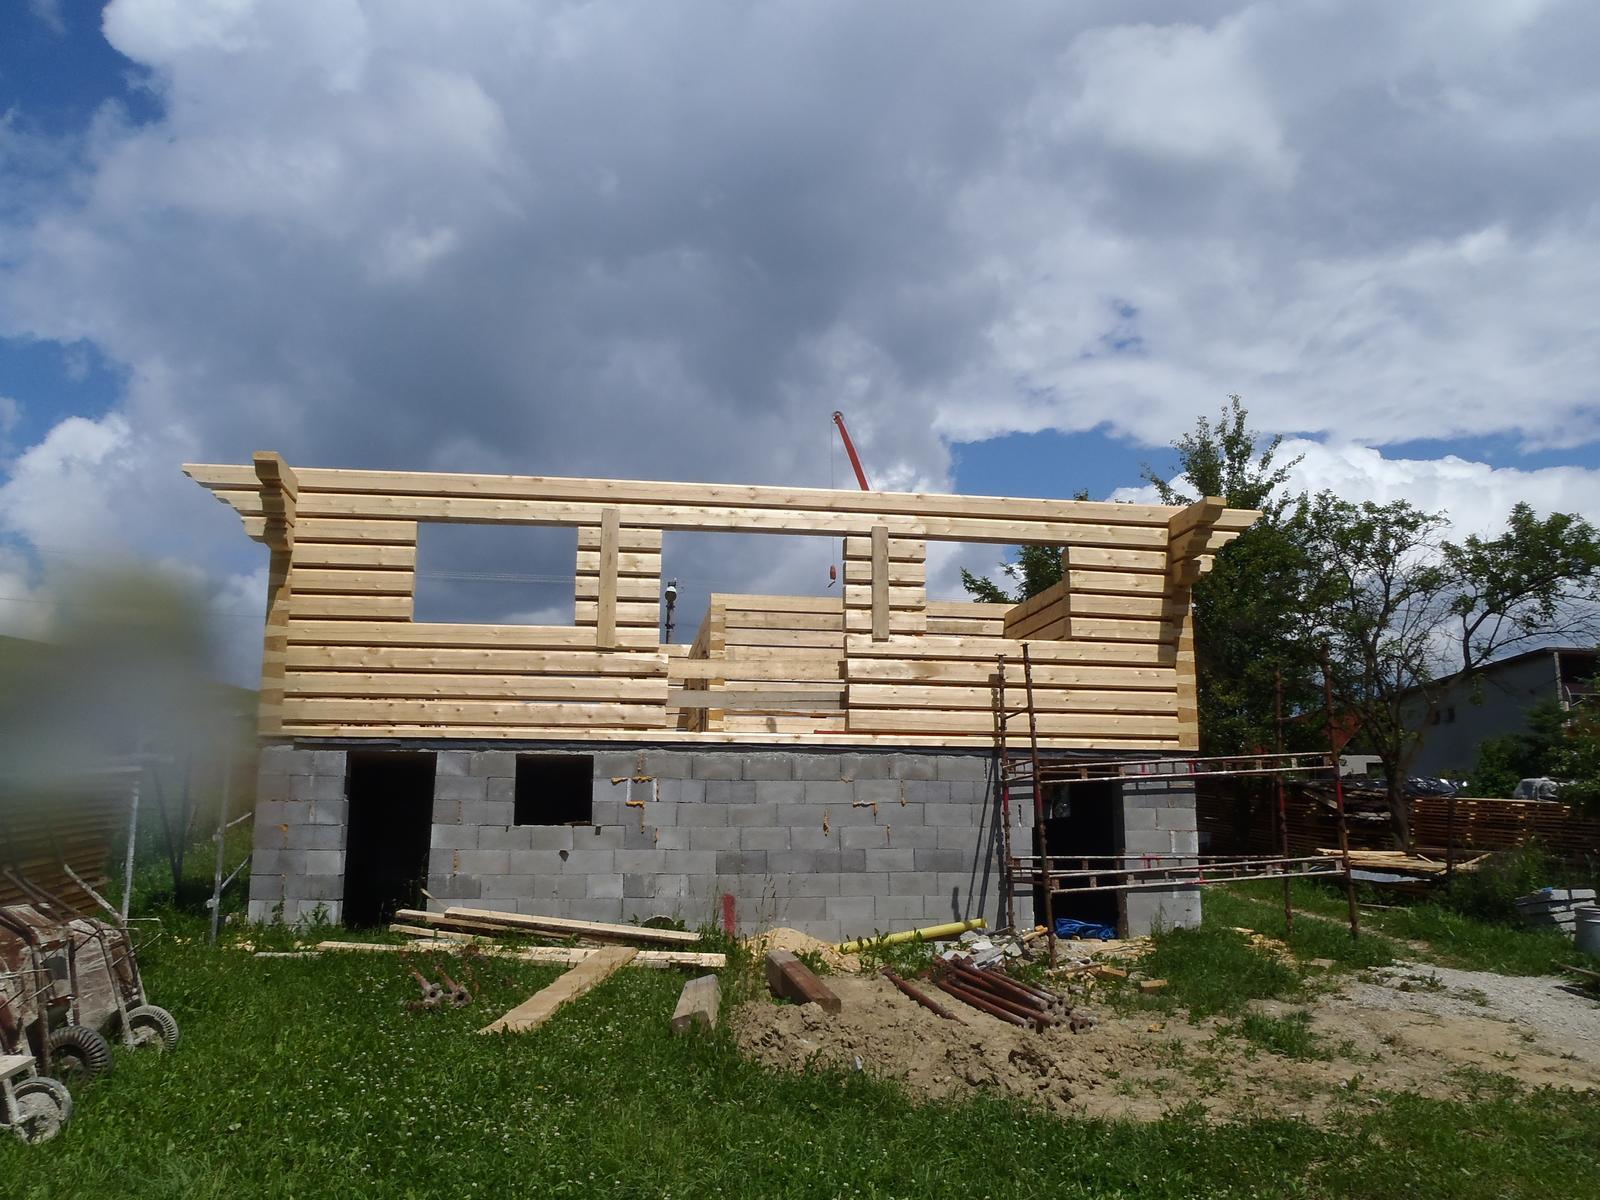 Náš veľký sen o drevenom domčeku! - Obrázok č. 90